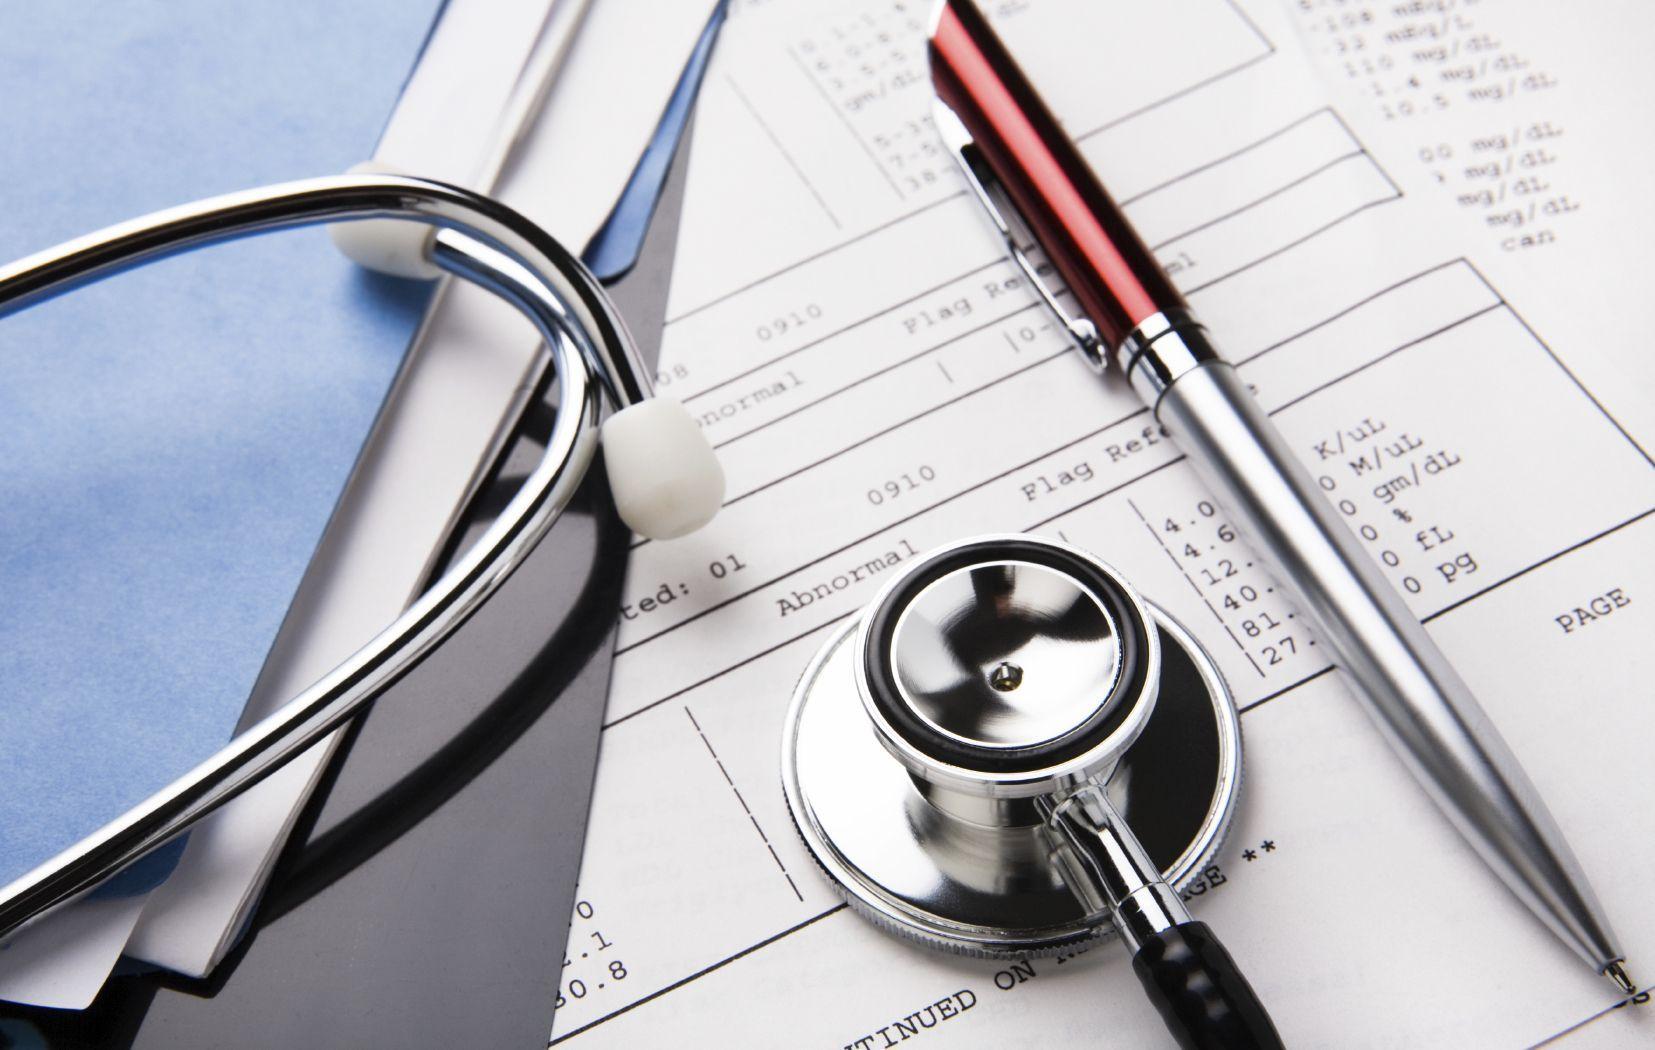 Liste d'attesa nella sanità in Italia troppo lunghe: il 41% delle famiglie rinuncia alle cure